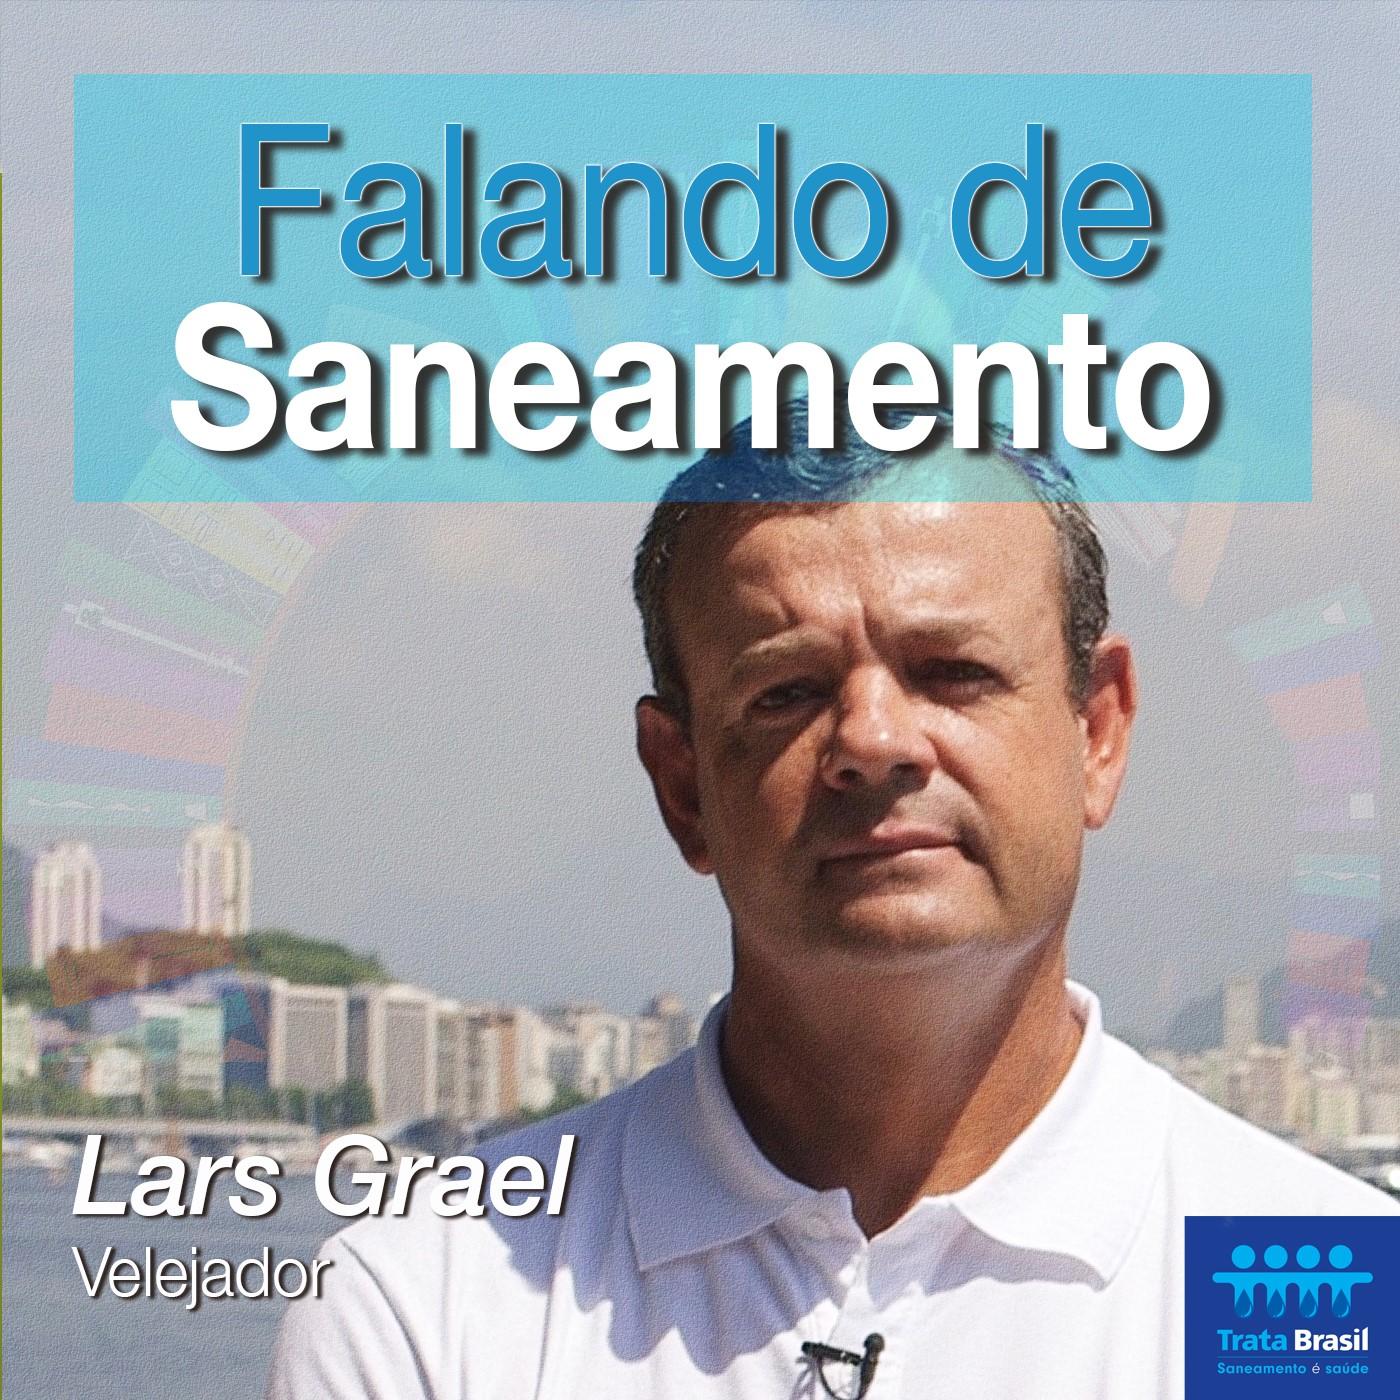 Lars Grael critica ausência de saneamento por anos no Brasil